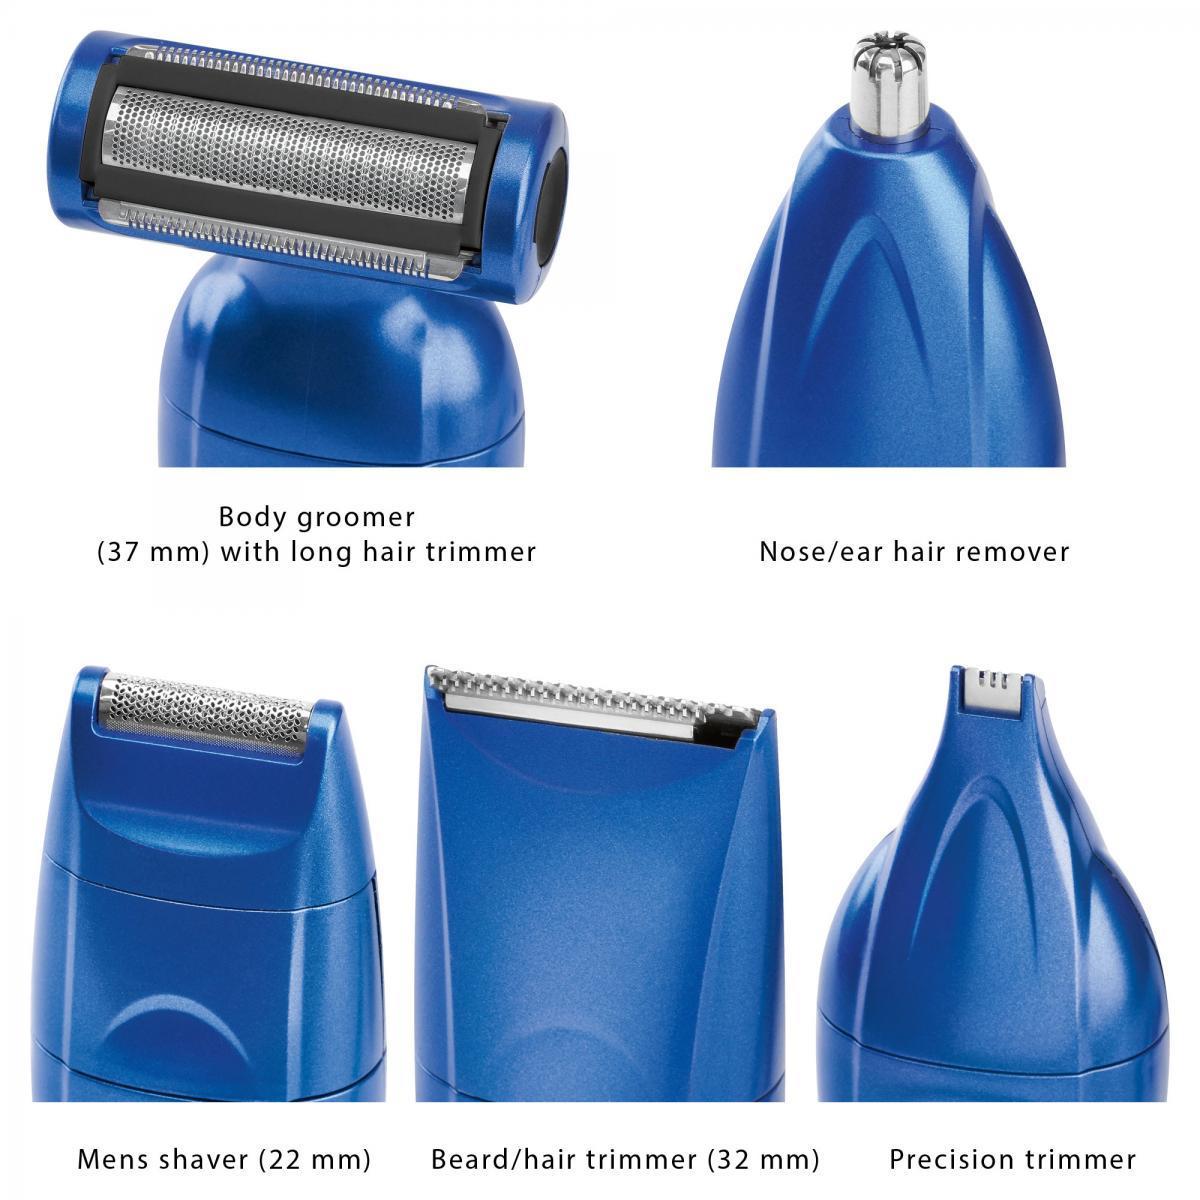 Bild 3 von ProfiCare Body- Groomer/Hair-Trimmer Set PC-BHT 3015 blau